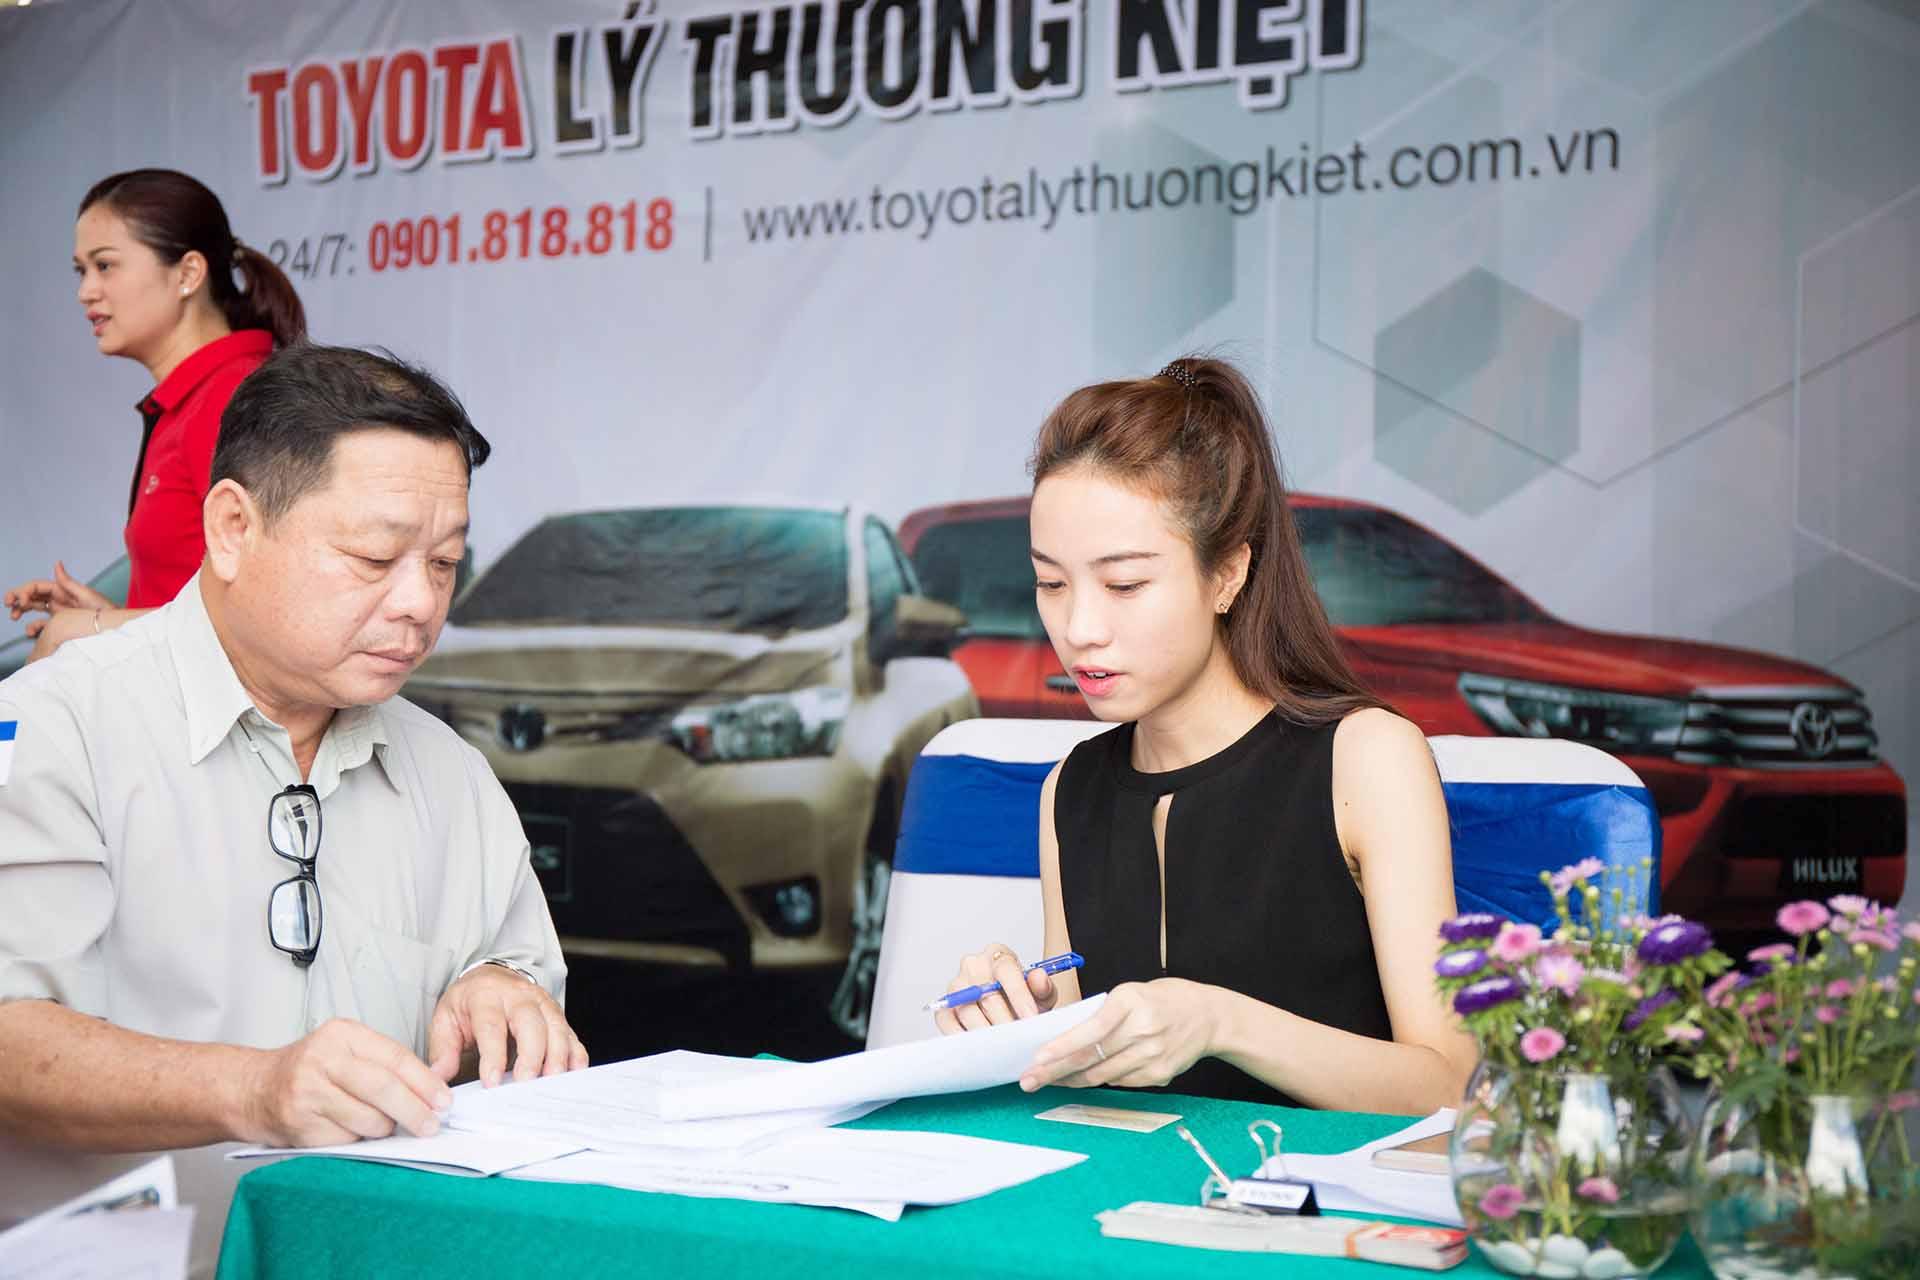 Đăng ký lái thử dòng xe toyota